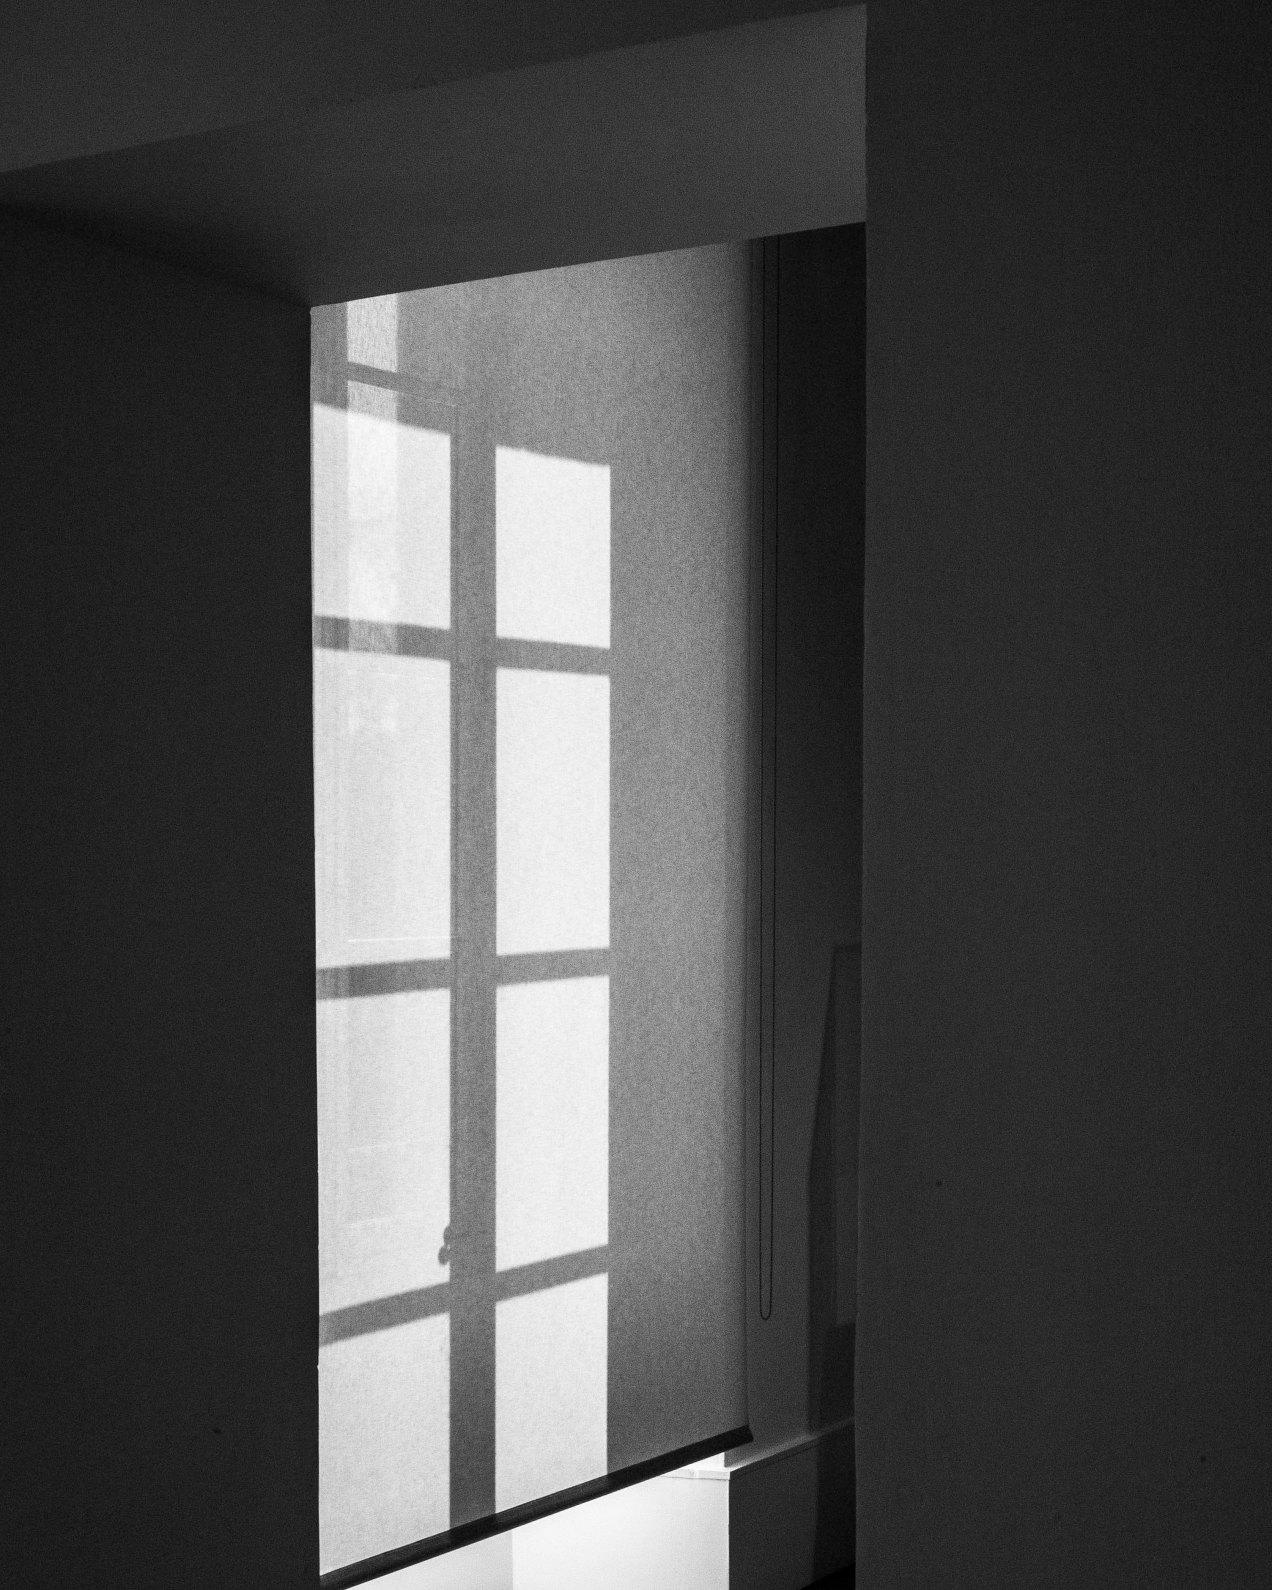 Musée Matisse, Nice, ombres et lumière, gildalliere, 2019